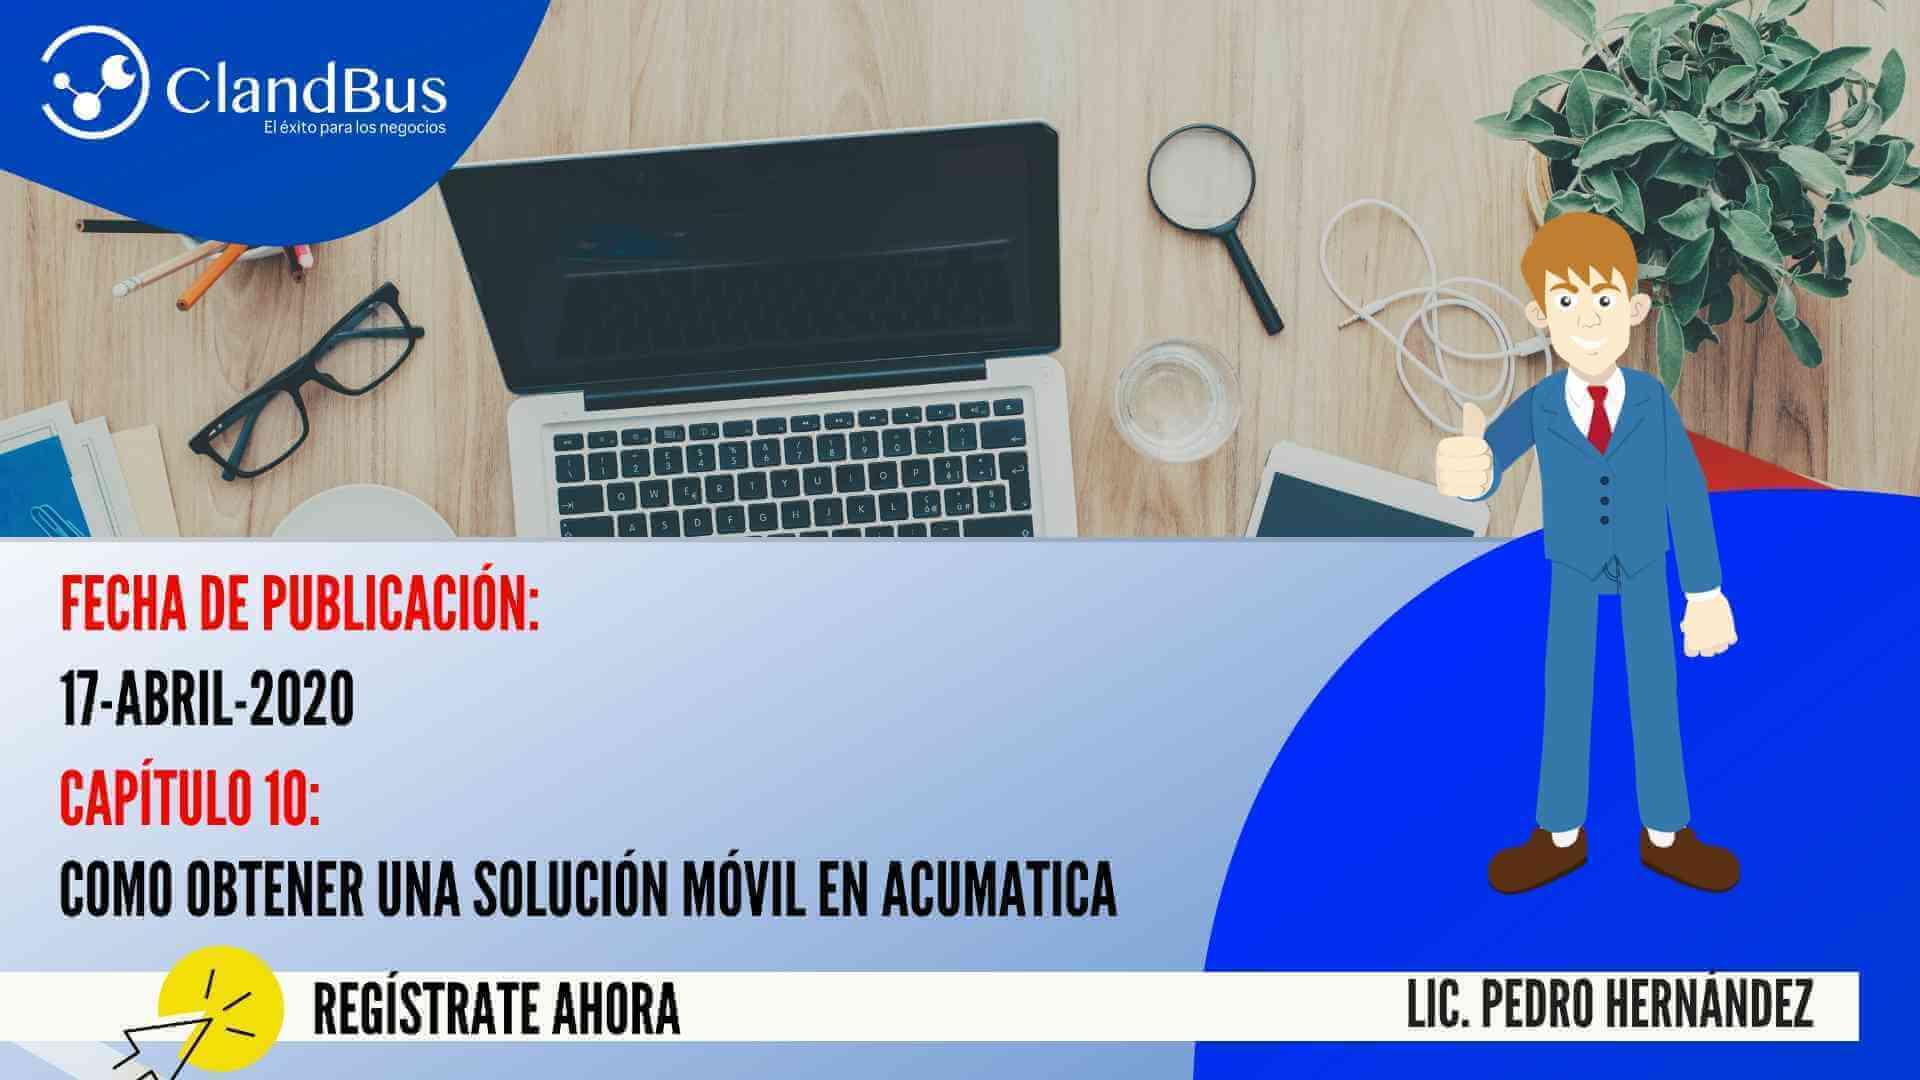 Resolución de problemas con Acumatica -Como obtener una solución móvil en Acumatica ERP